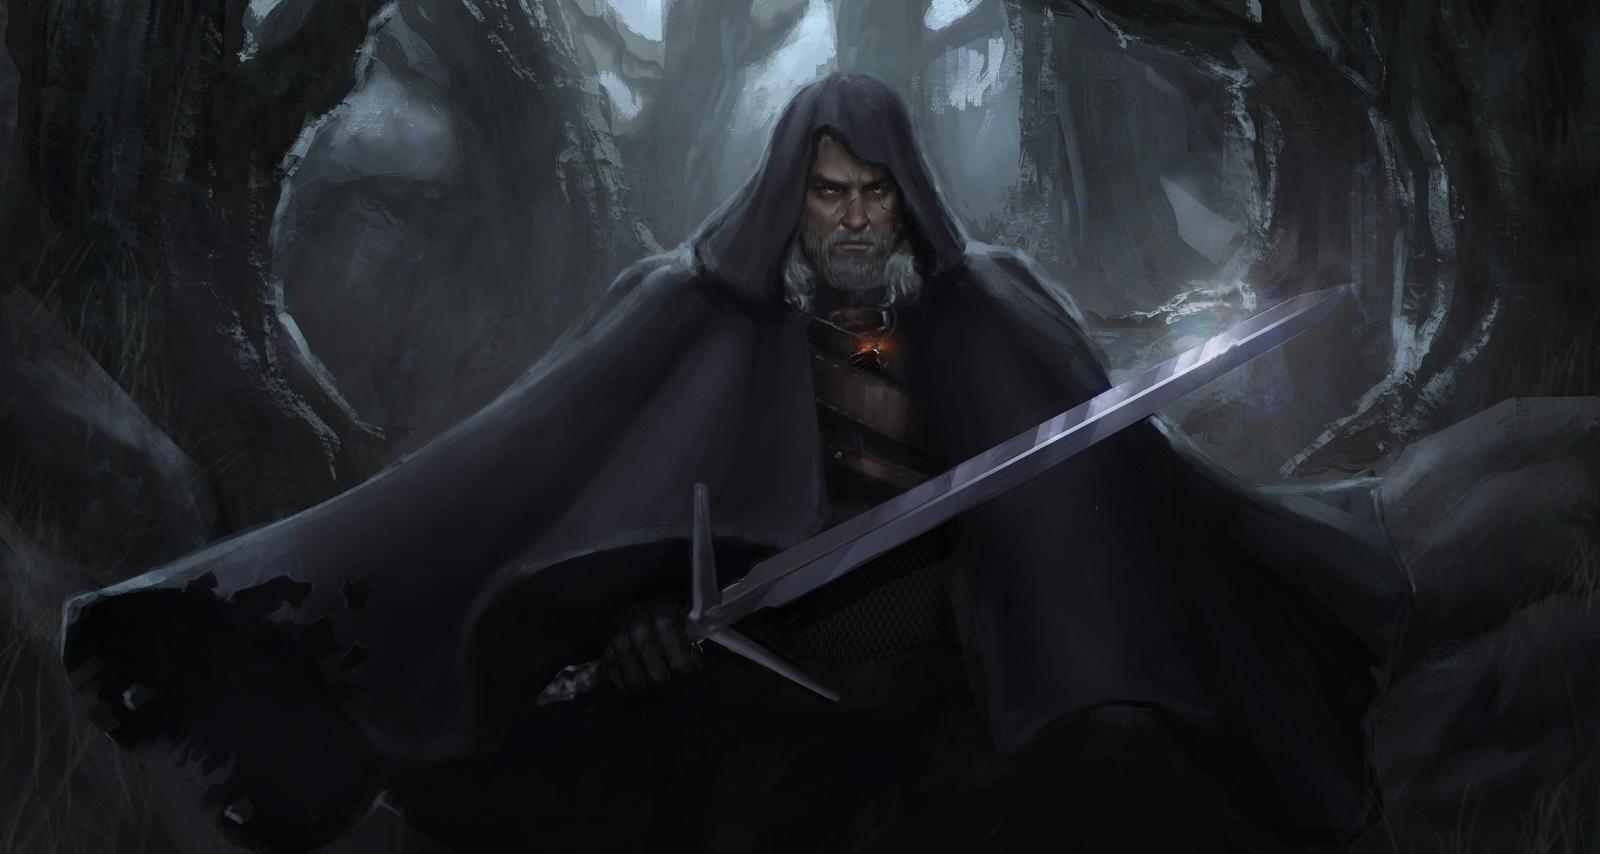 The Witcher 3: Wild Hunt Fan Art By Korale On DeviantArt